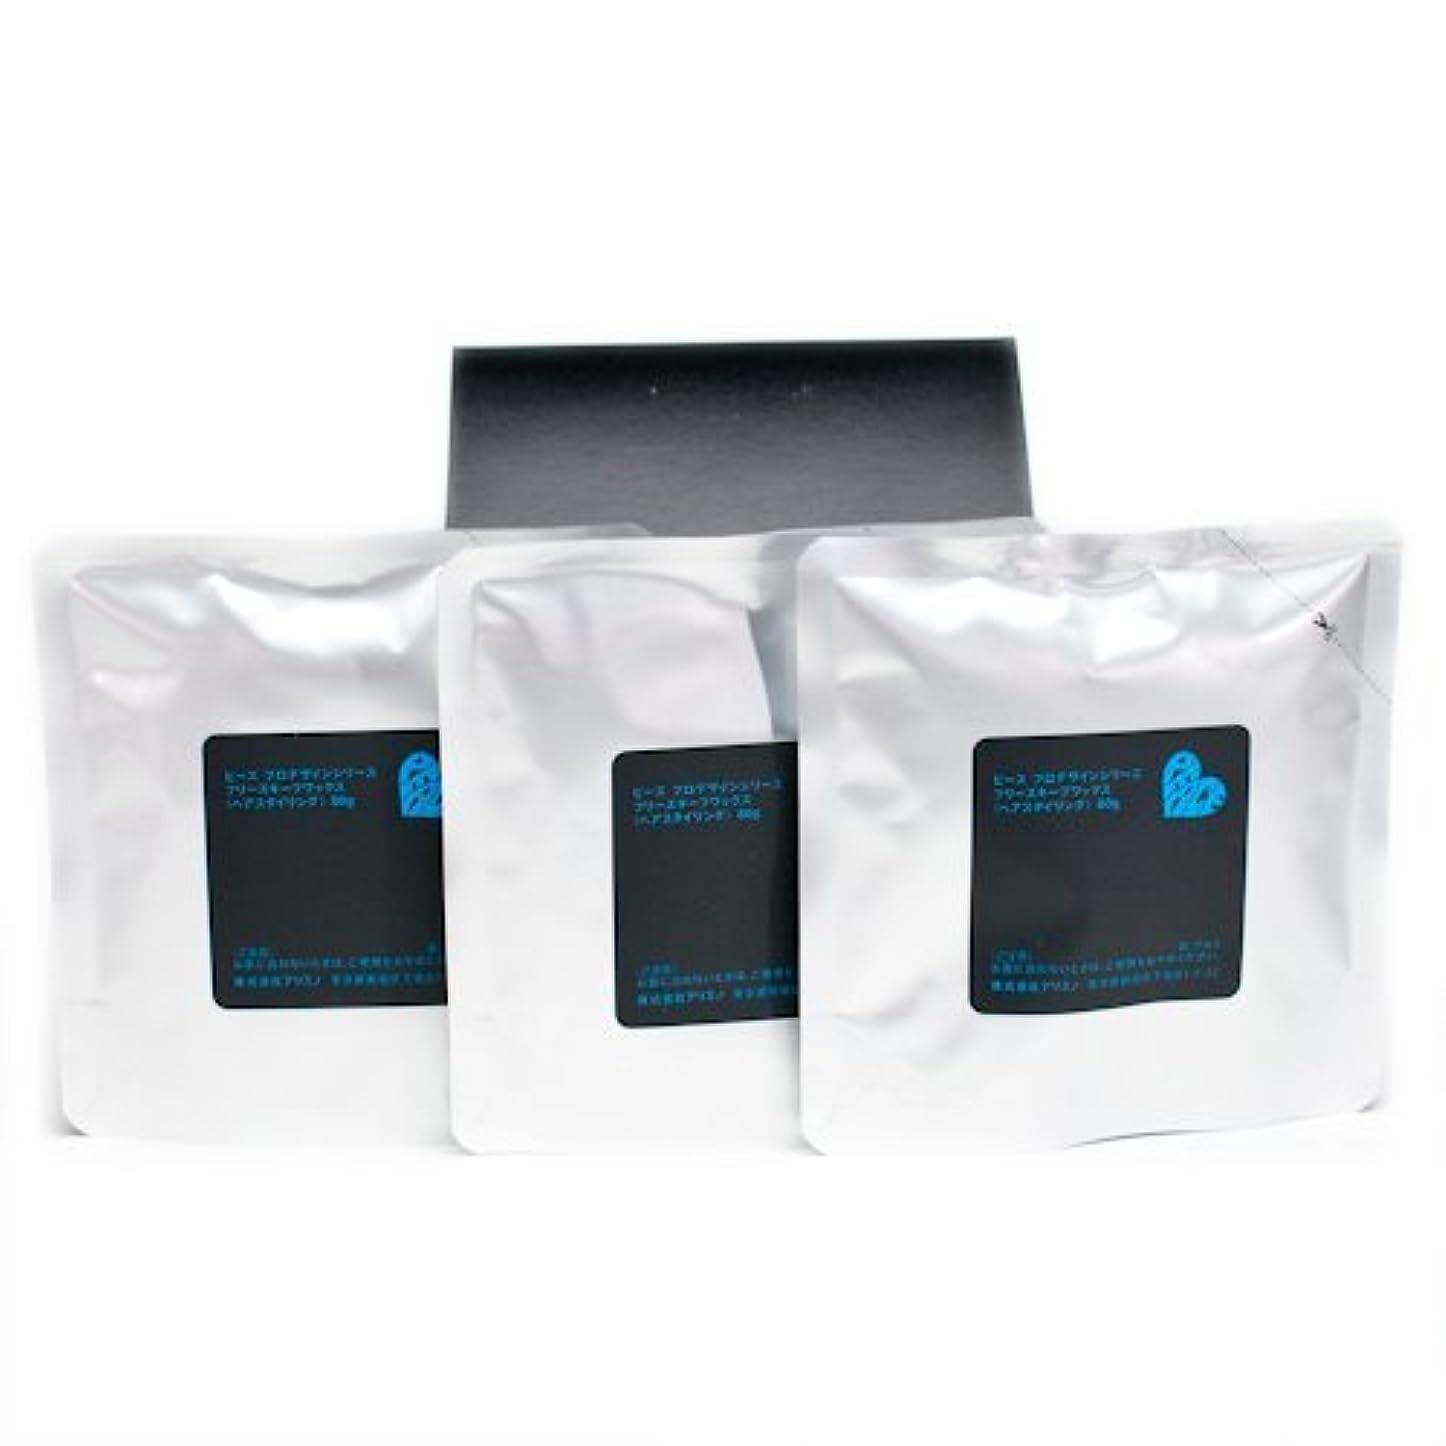 仕事に行く支店まつげアリミノ ピース フリーズキープワックス (ブラック)80g(業務?詰替用)×3個入り